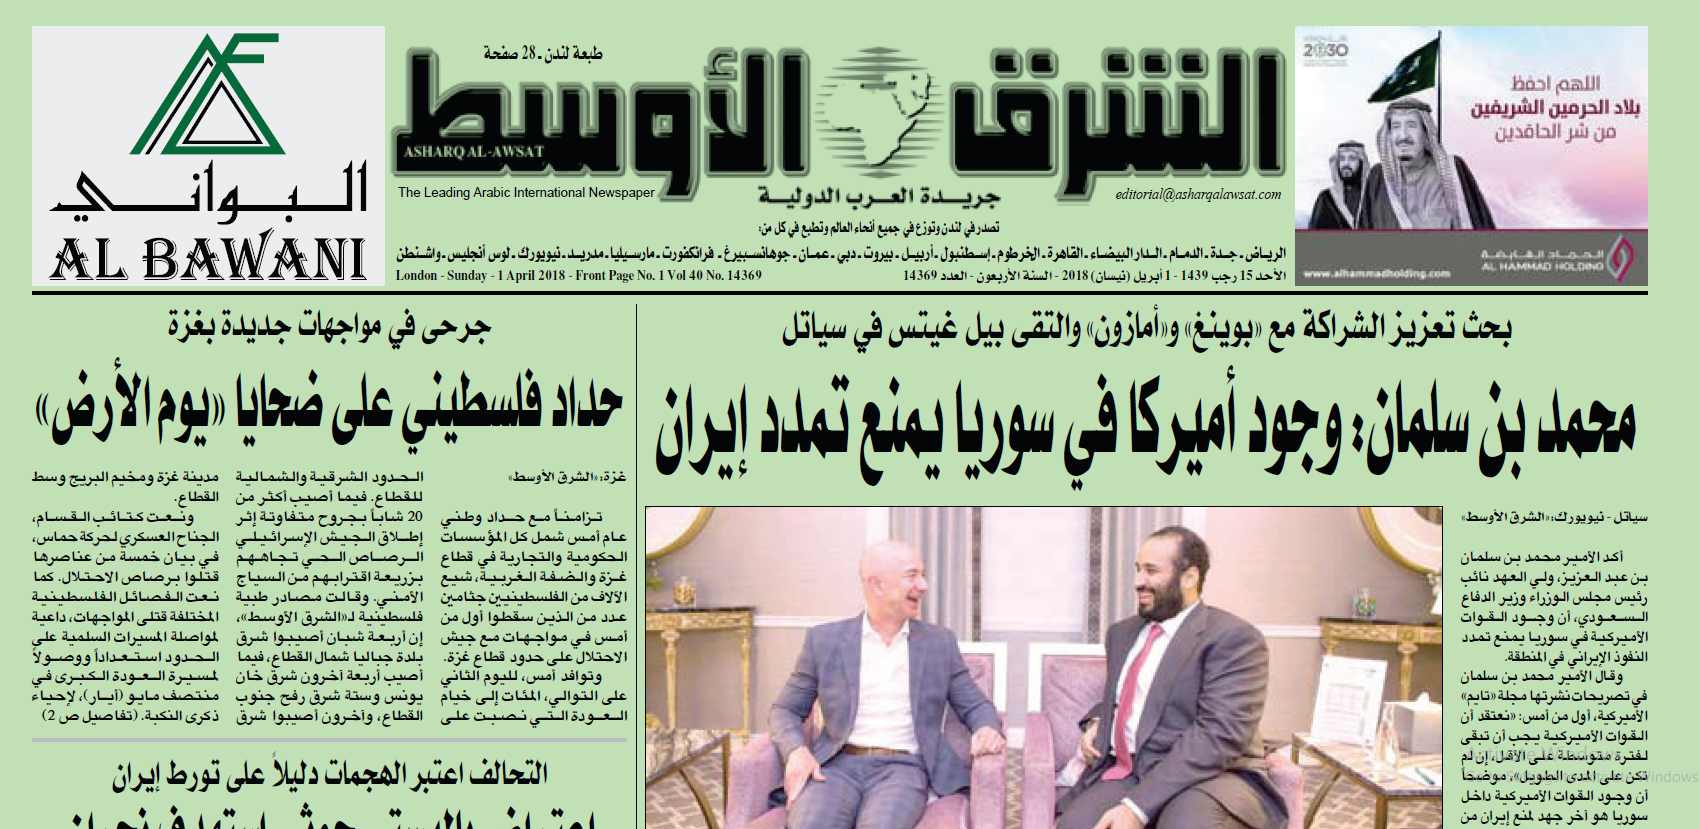 روزنامہ الشرق الاوسط : شام میں امریکی فوج کی موجودگی ایران کے توسیع پسندانہ عزائم کی راہ میں رکاوٹ